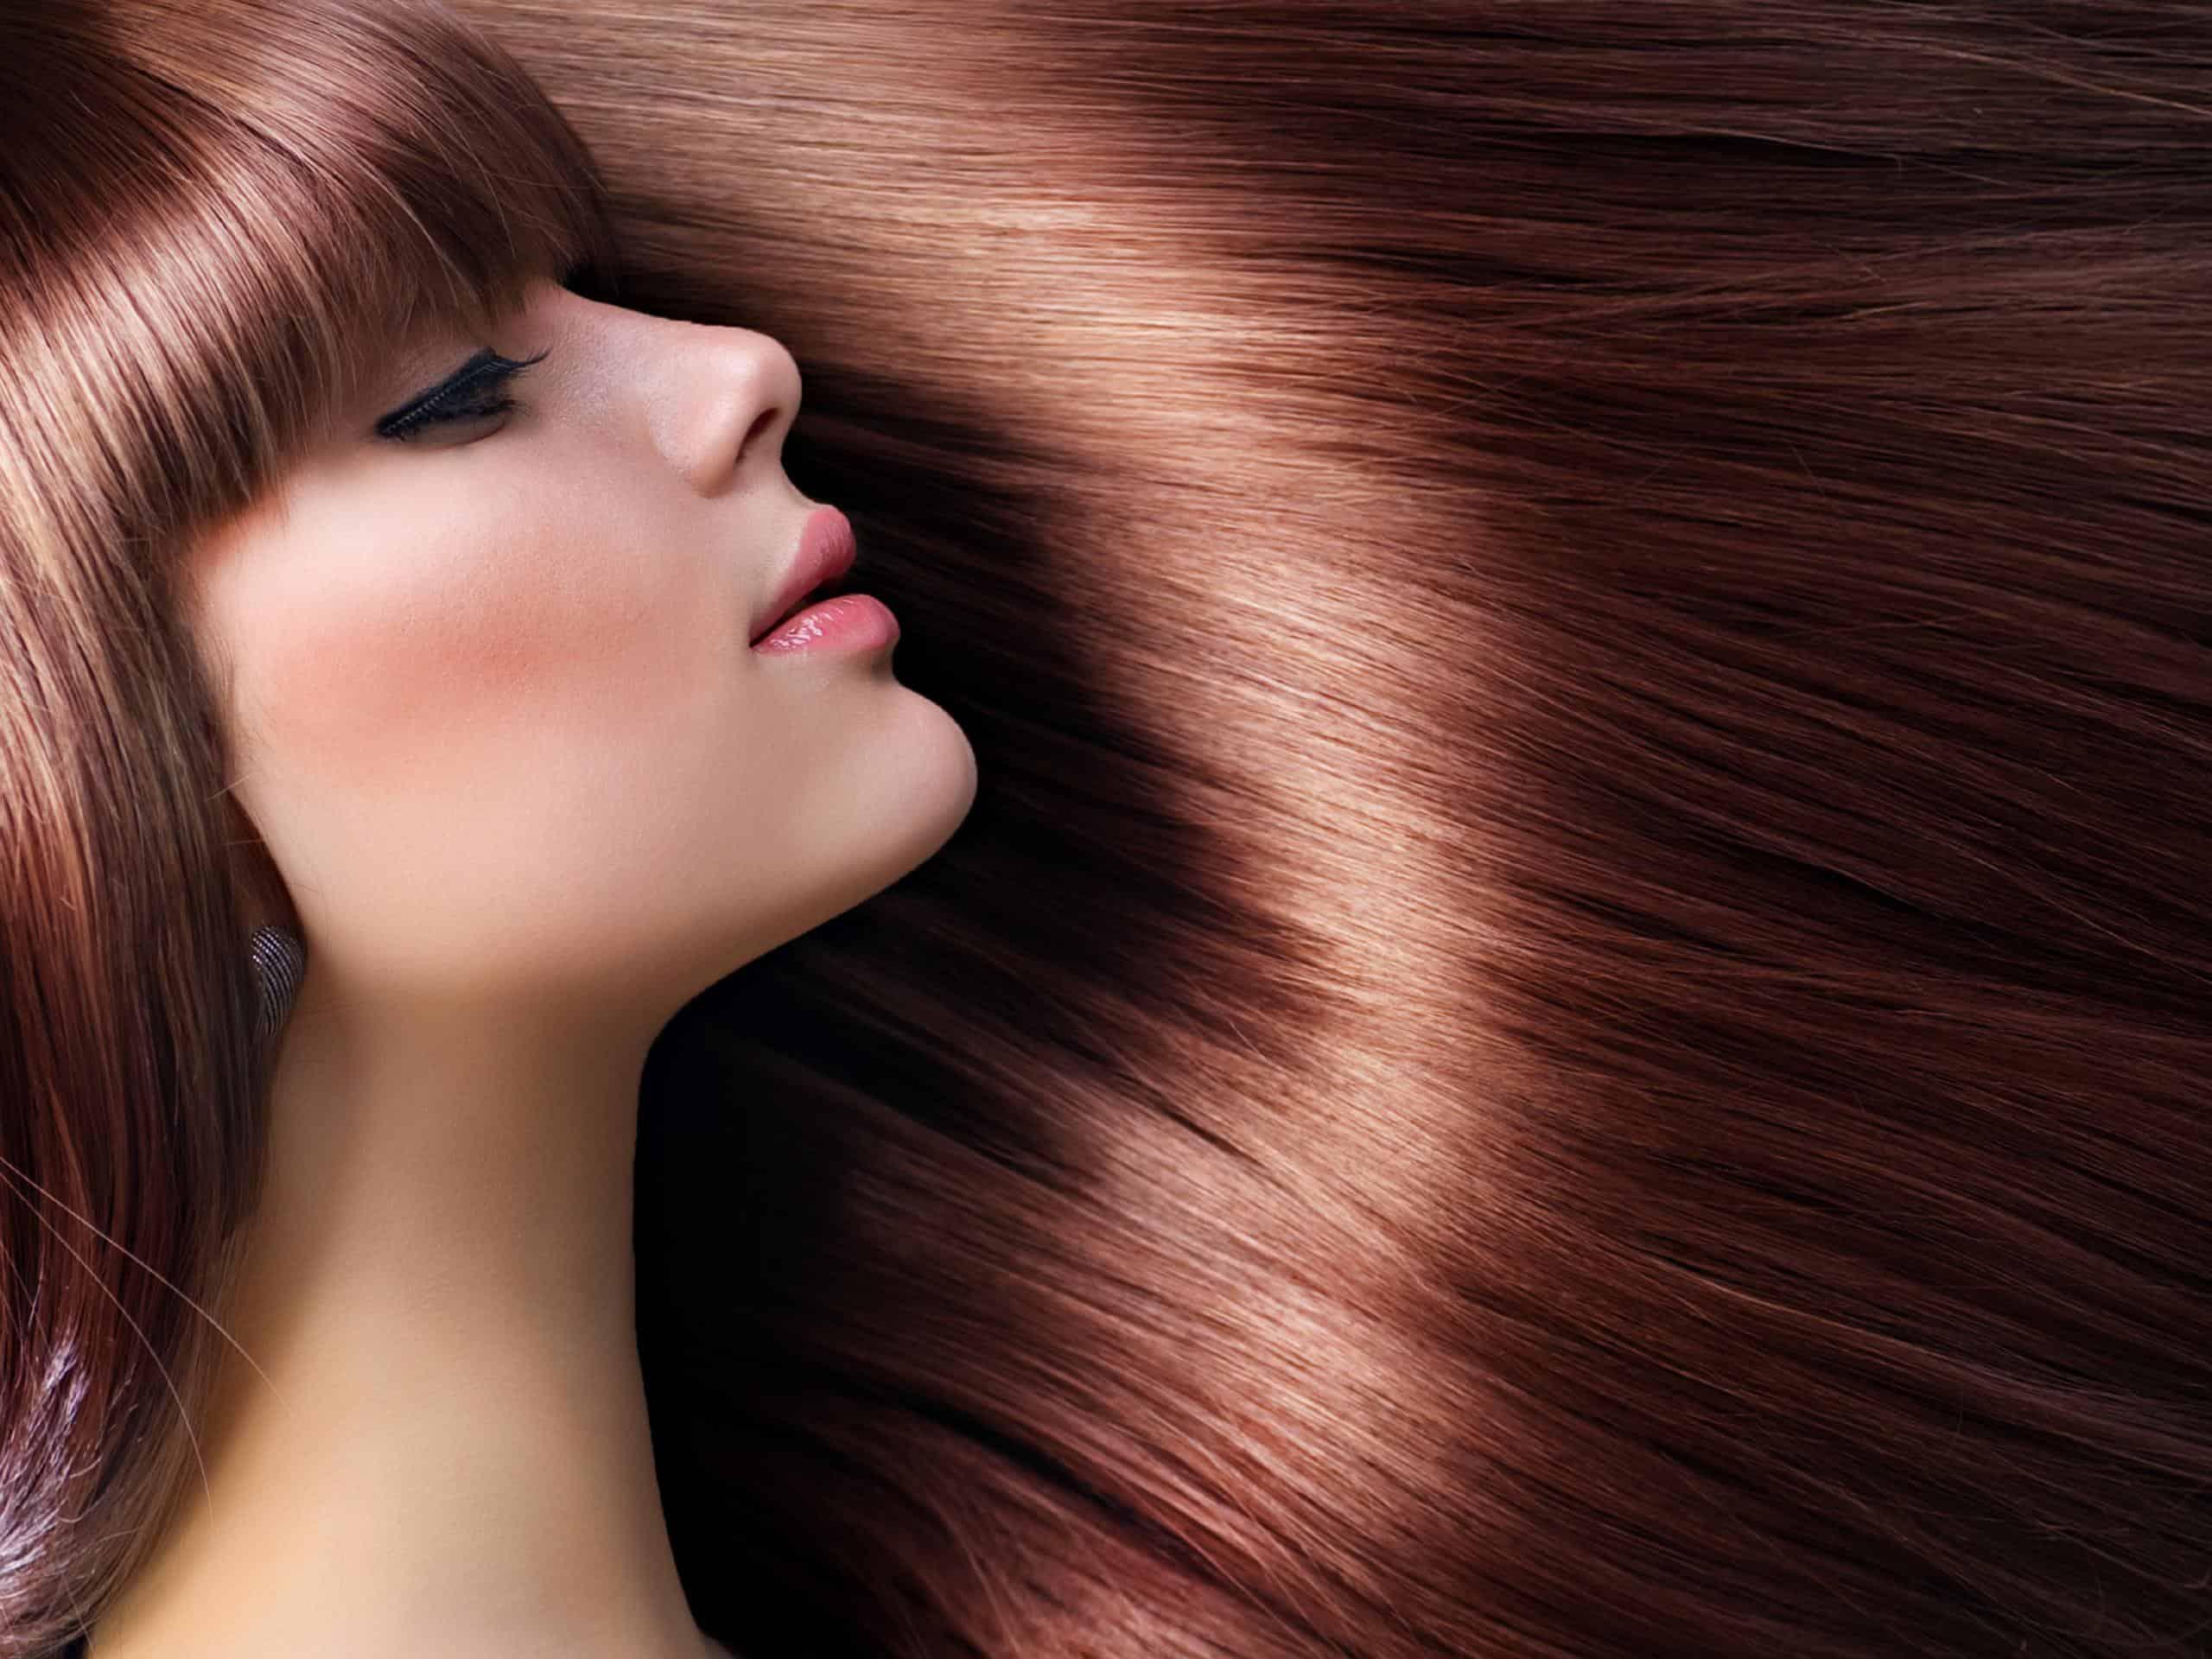 أقنعة طبيعية للعناية بجمال شعرك...جربيها